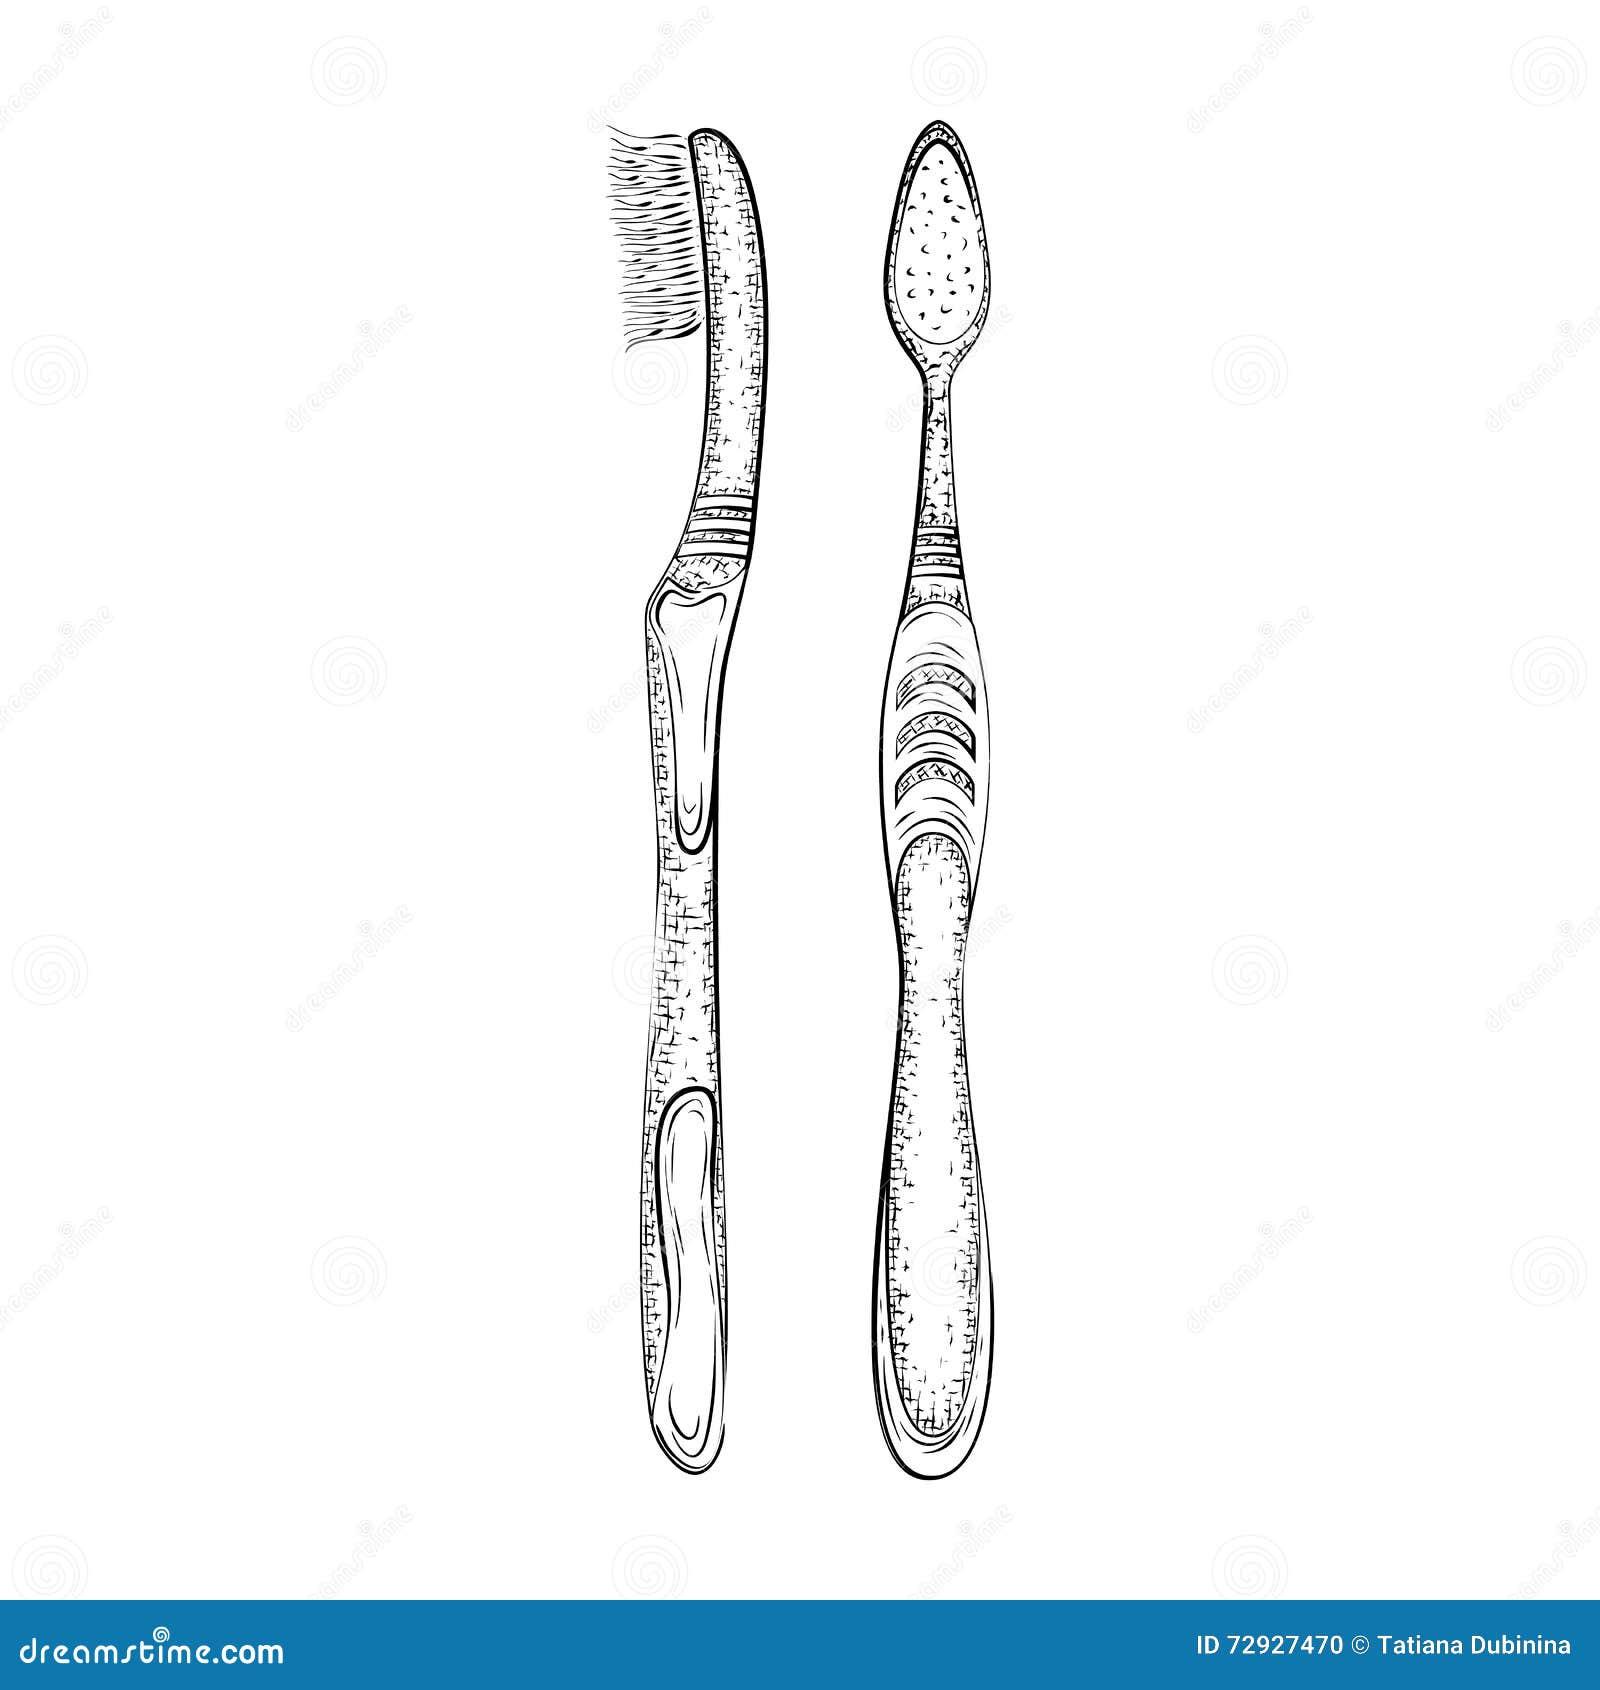 Drawing Straight Lines With Brush In Photo : Hand gezeichnete zahnbürste vektor abbildung bild